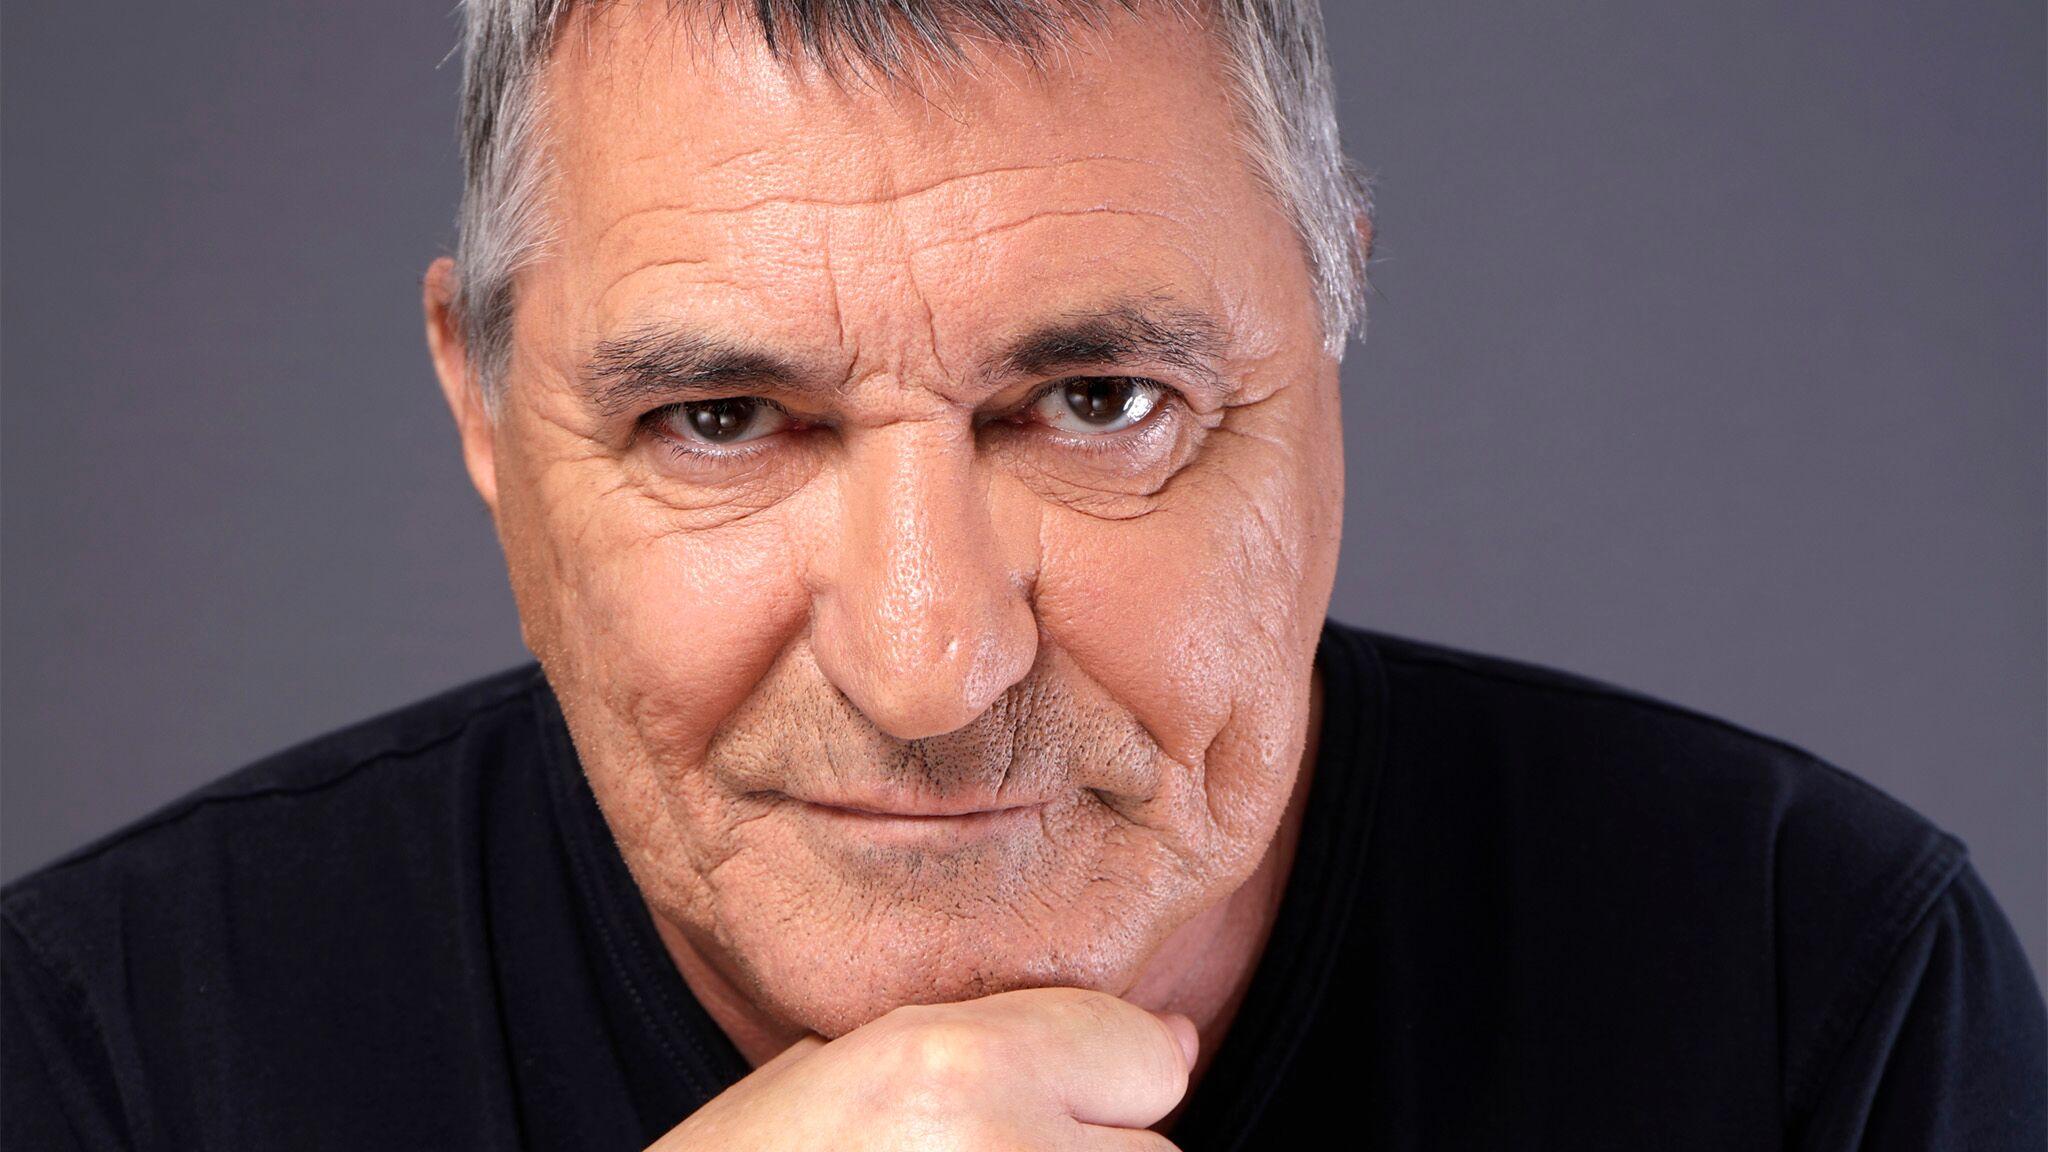 Jean-Marie Bigard insulte violemment Muriel Robin et les femmes qui le critiquent